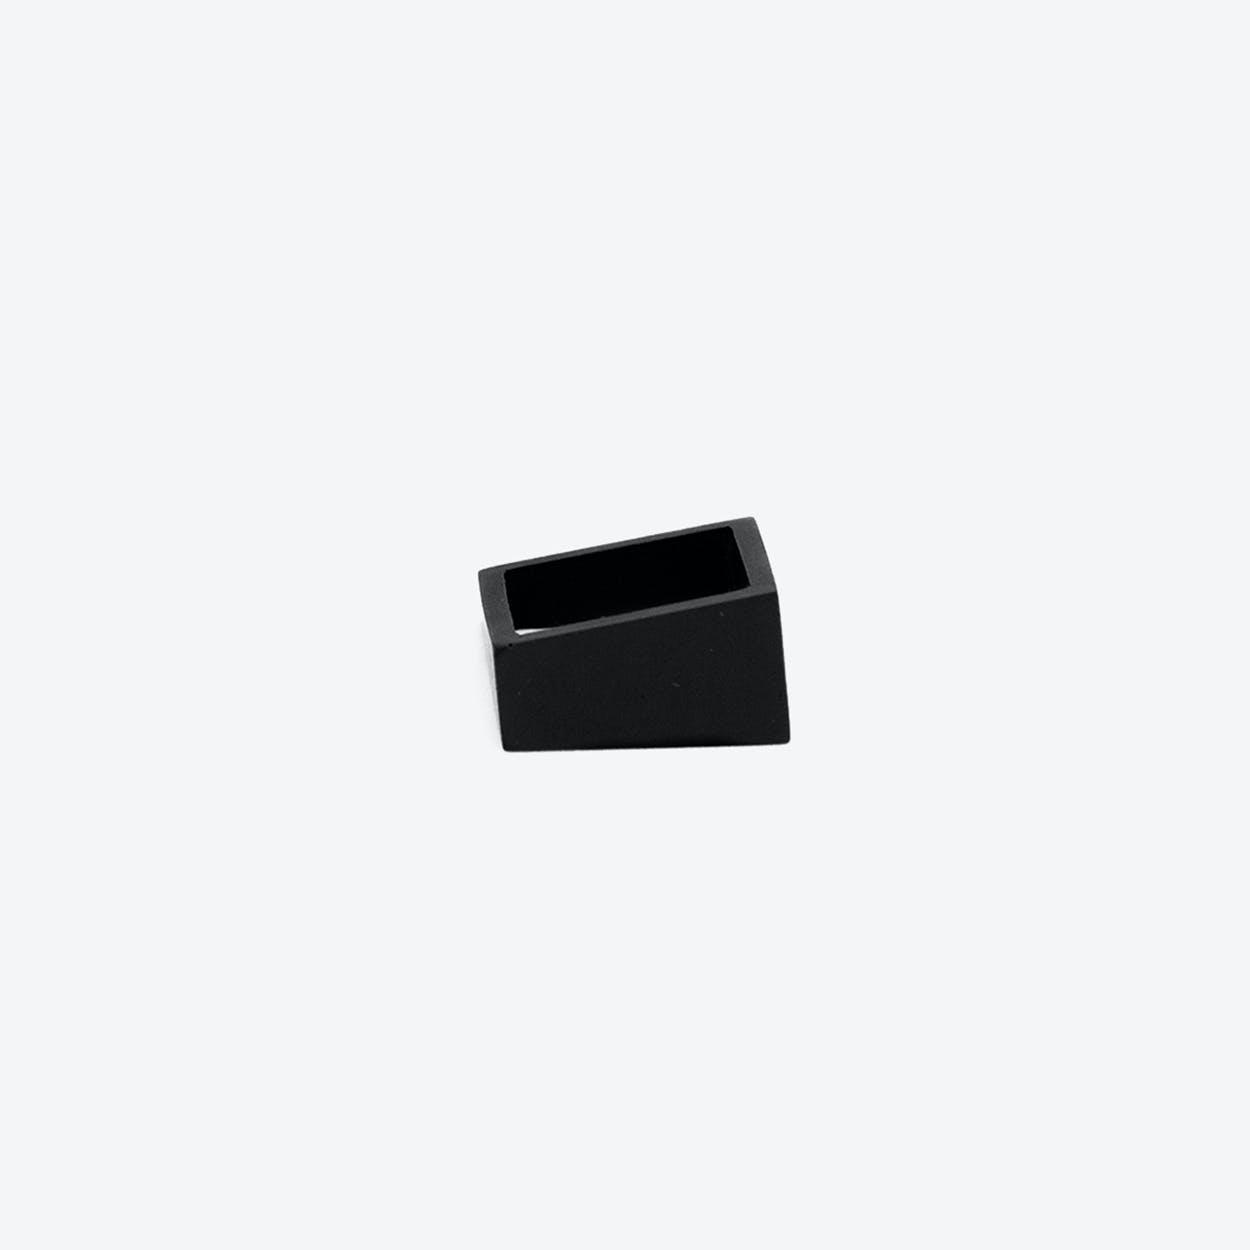 MK3 Black Asymmetric Concrete Ring